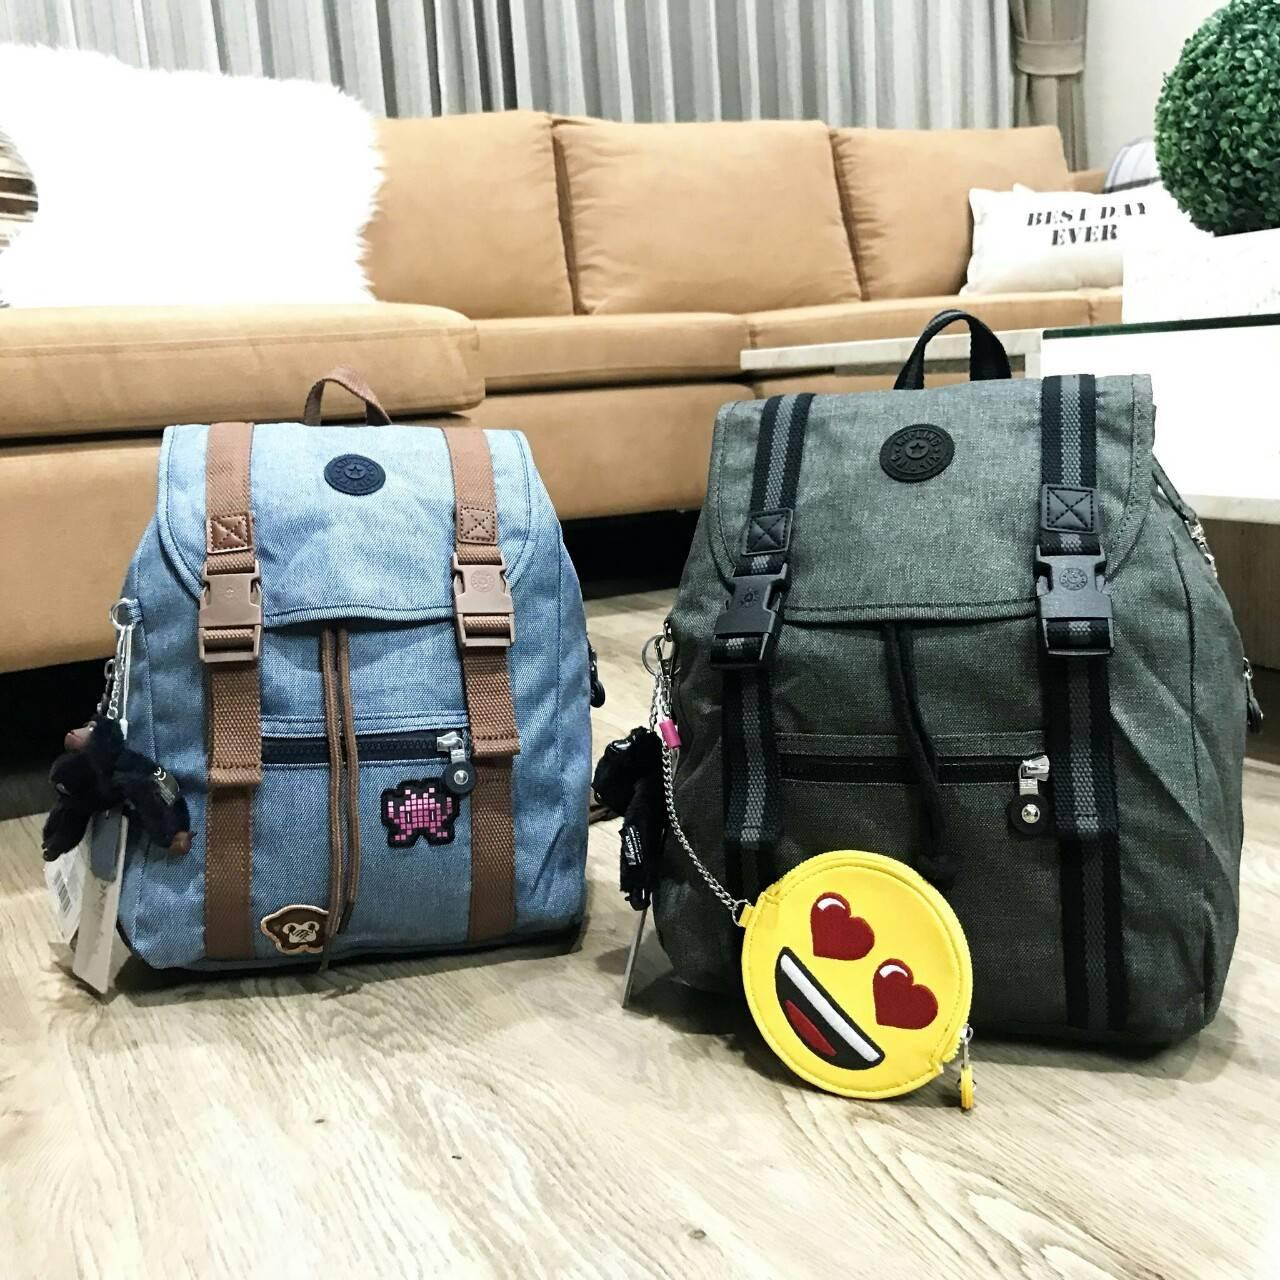 KIPLING Emoji City Backpack Limited Edition 2018 * สินค้า outlet